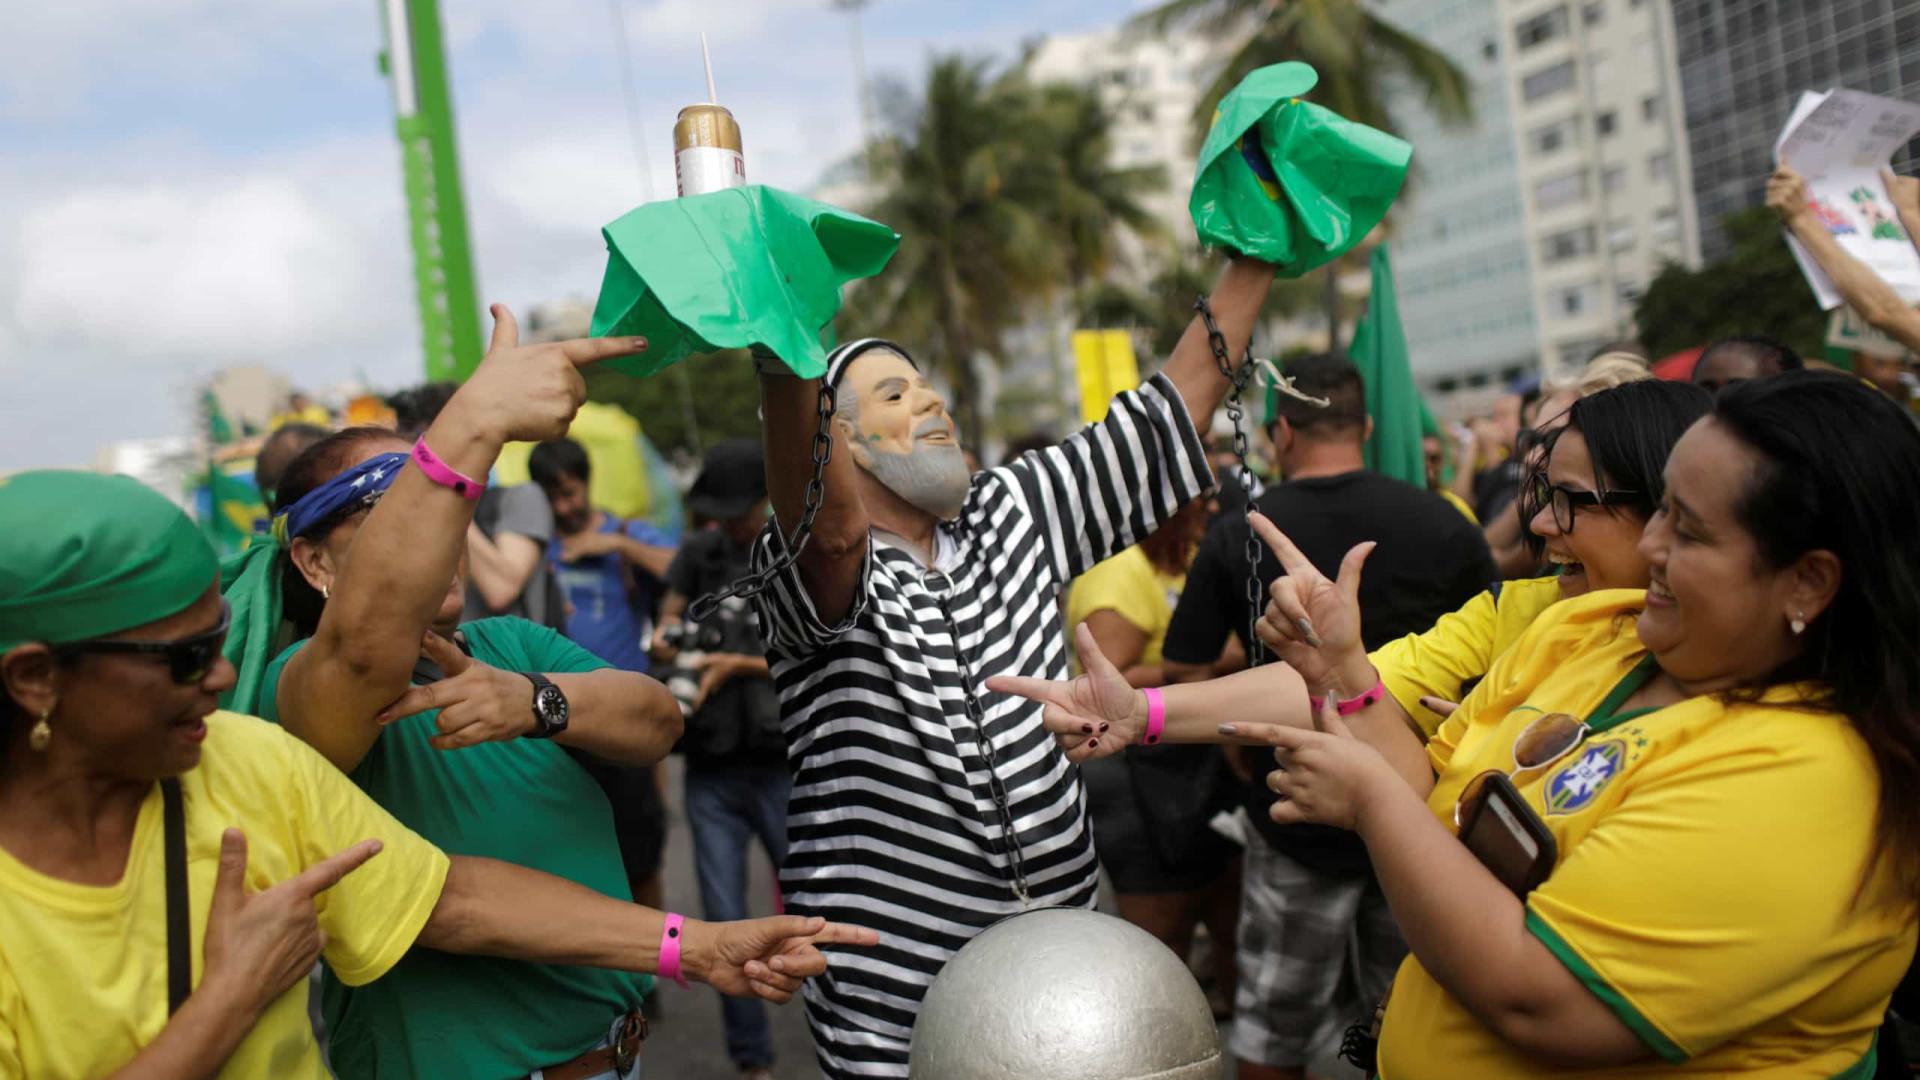 Ato no Rio tem pedidos de fechamento do STF e intervenção militar